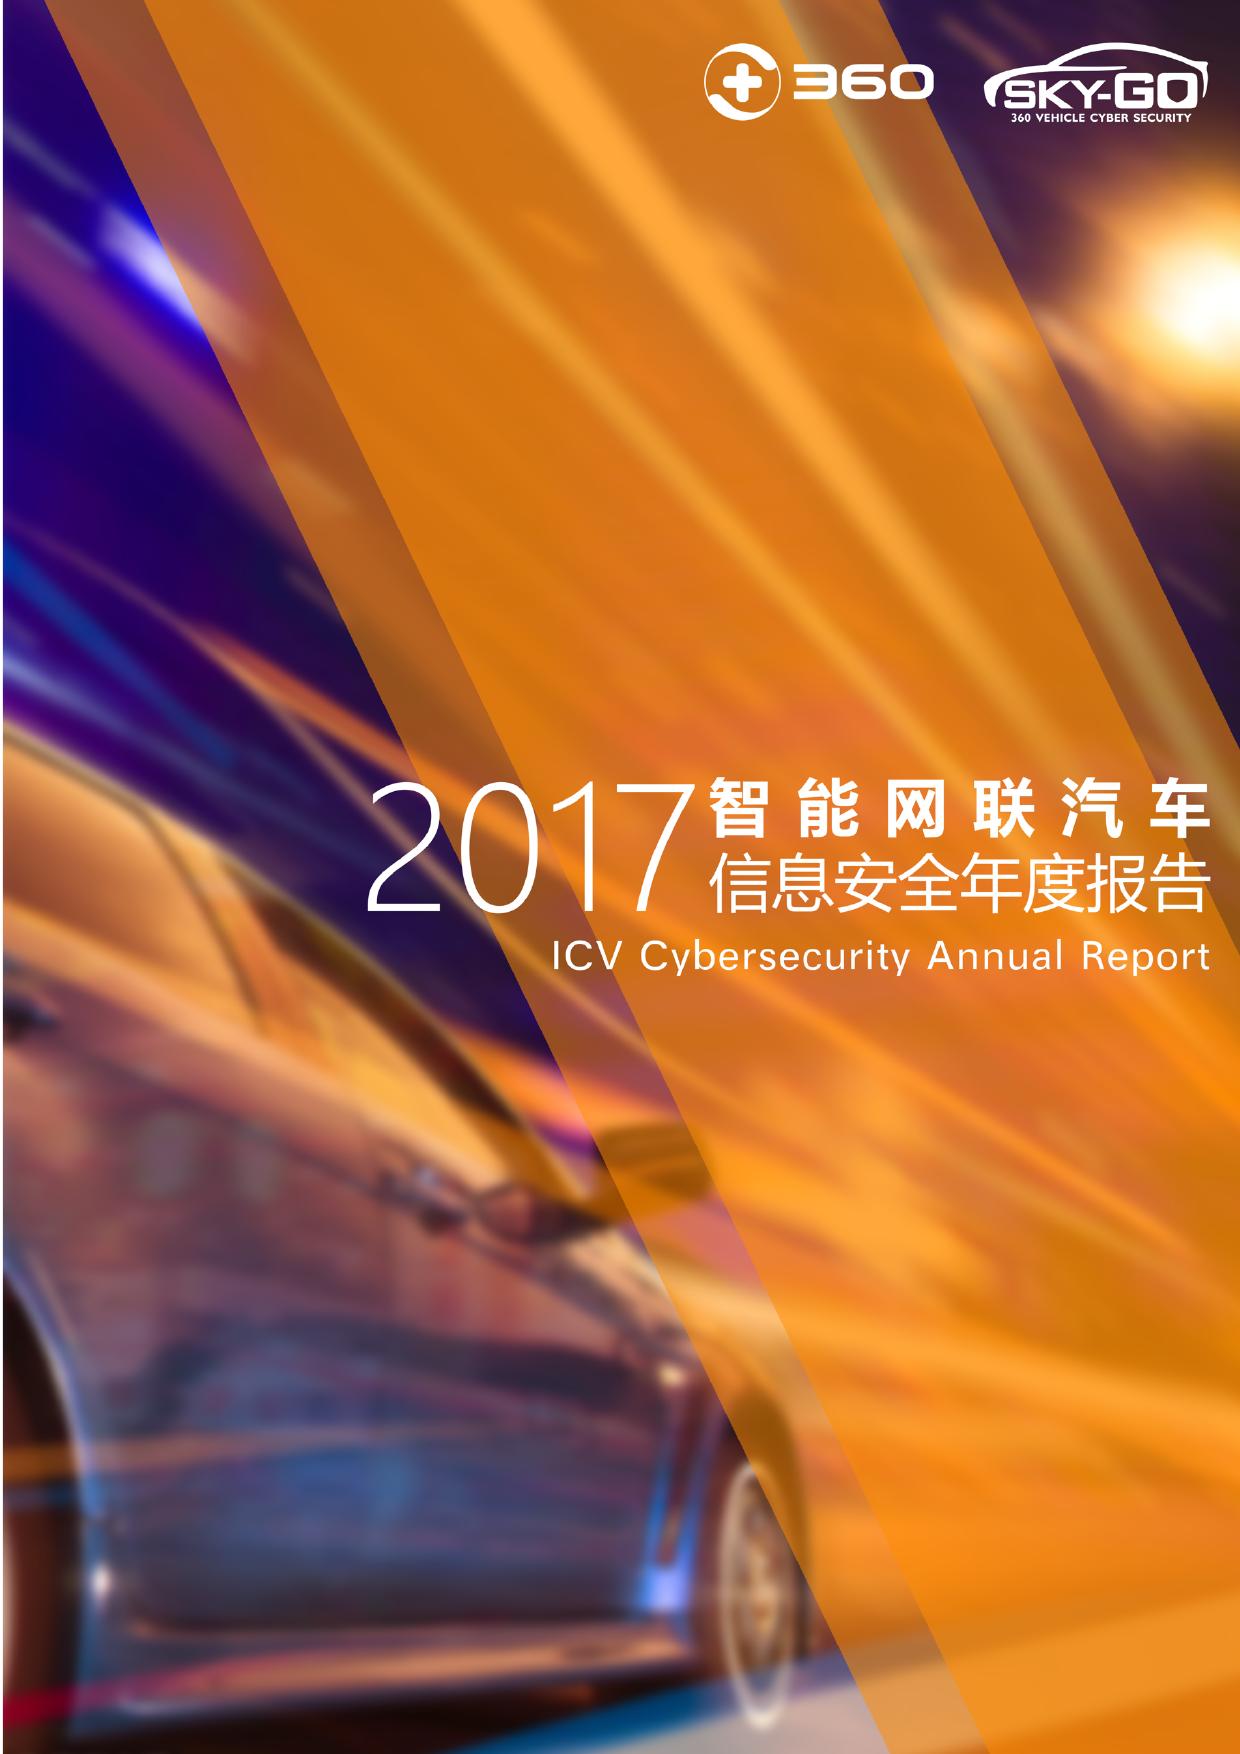 360:2017智能网联汽车信息安全年度报告(附下载)